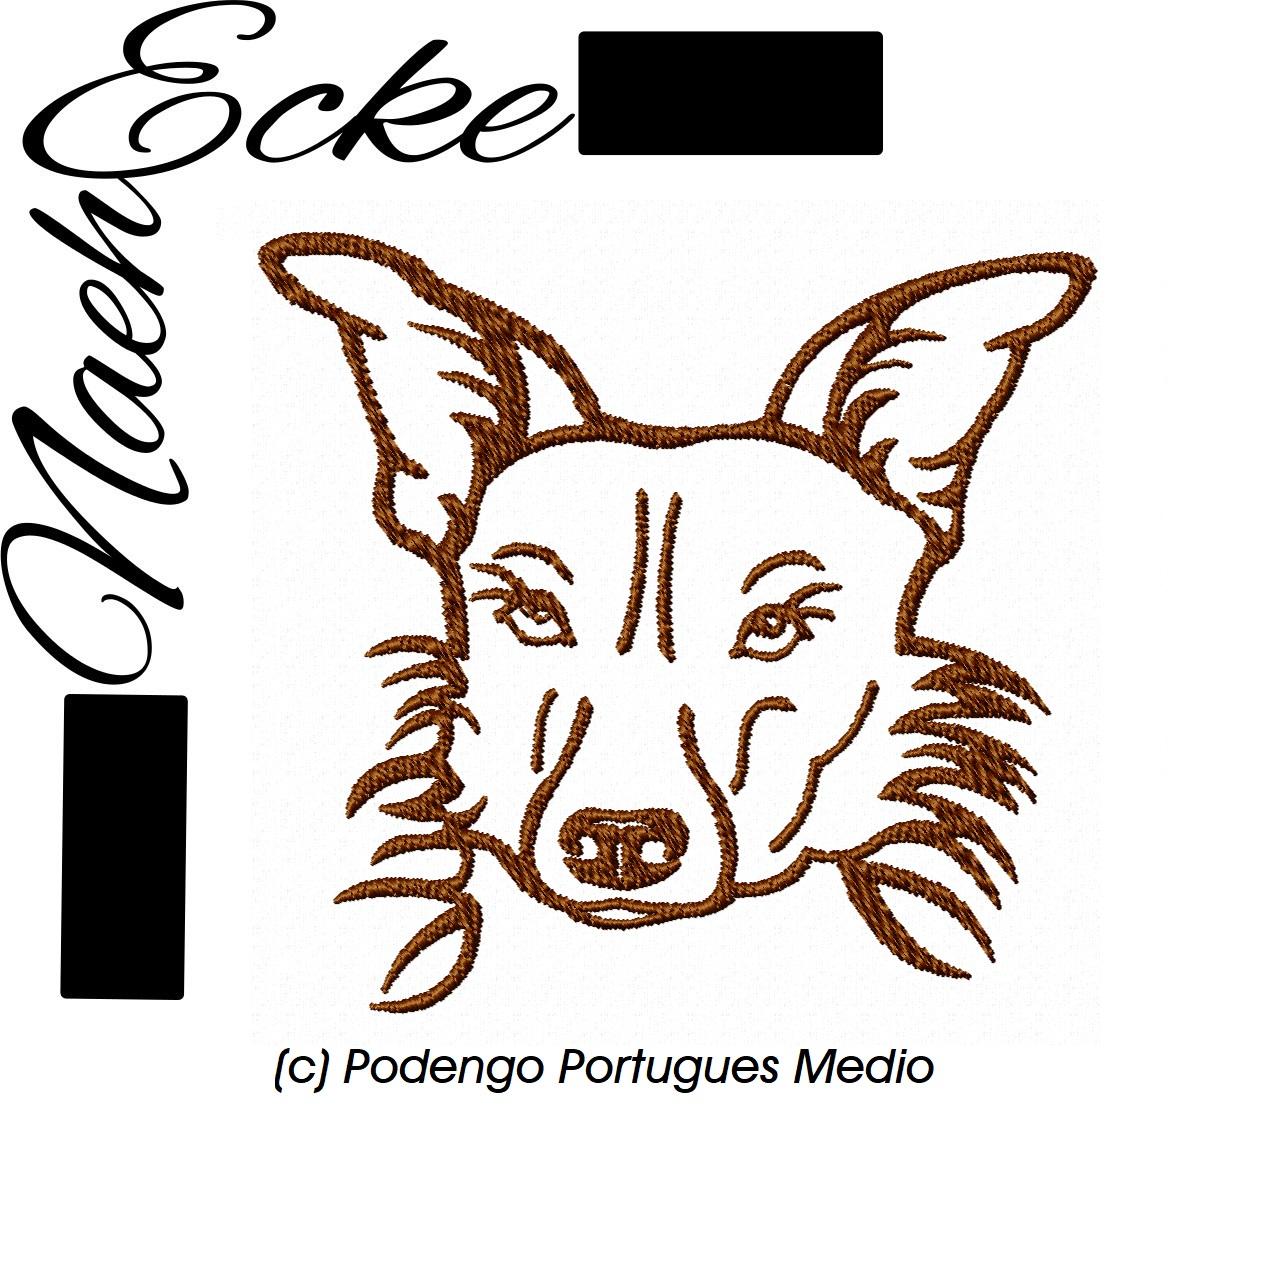 Podengo Portugues Medio